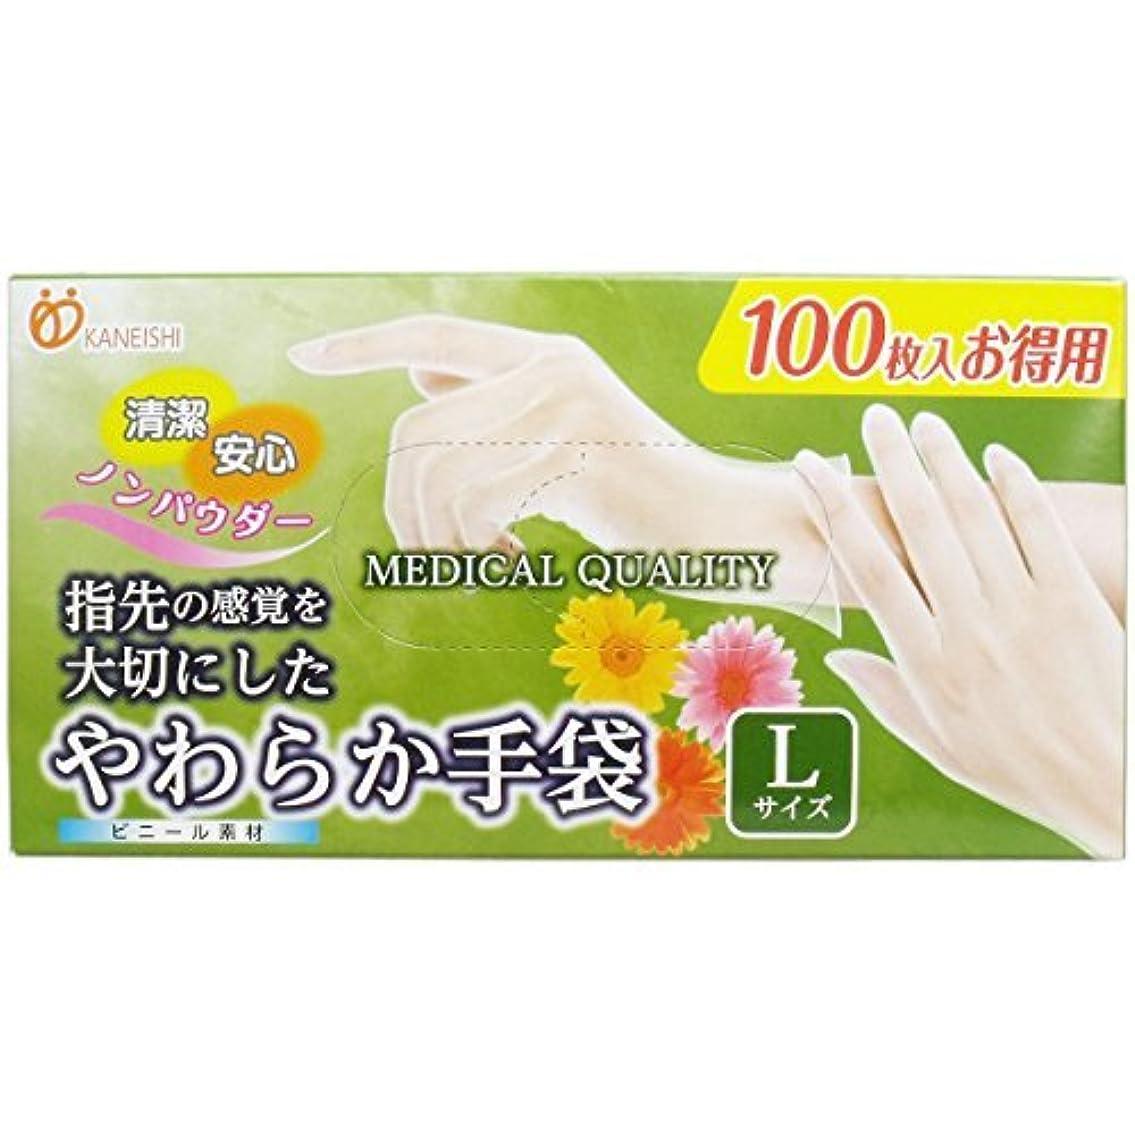 やわらか手袋 ビニール素材 Lサイズ 100枚入x7